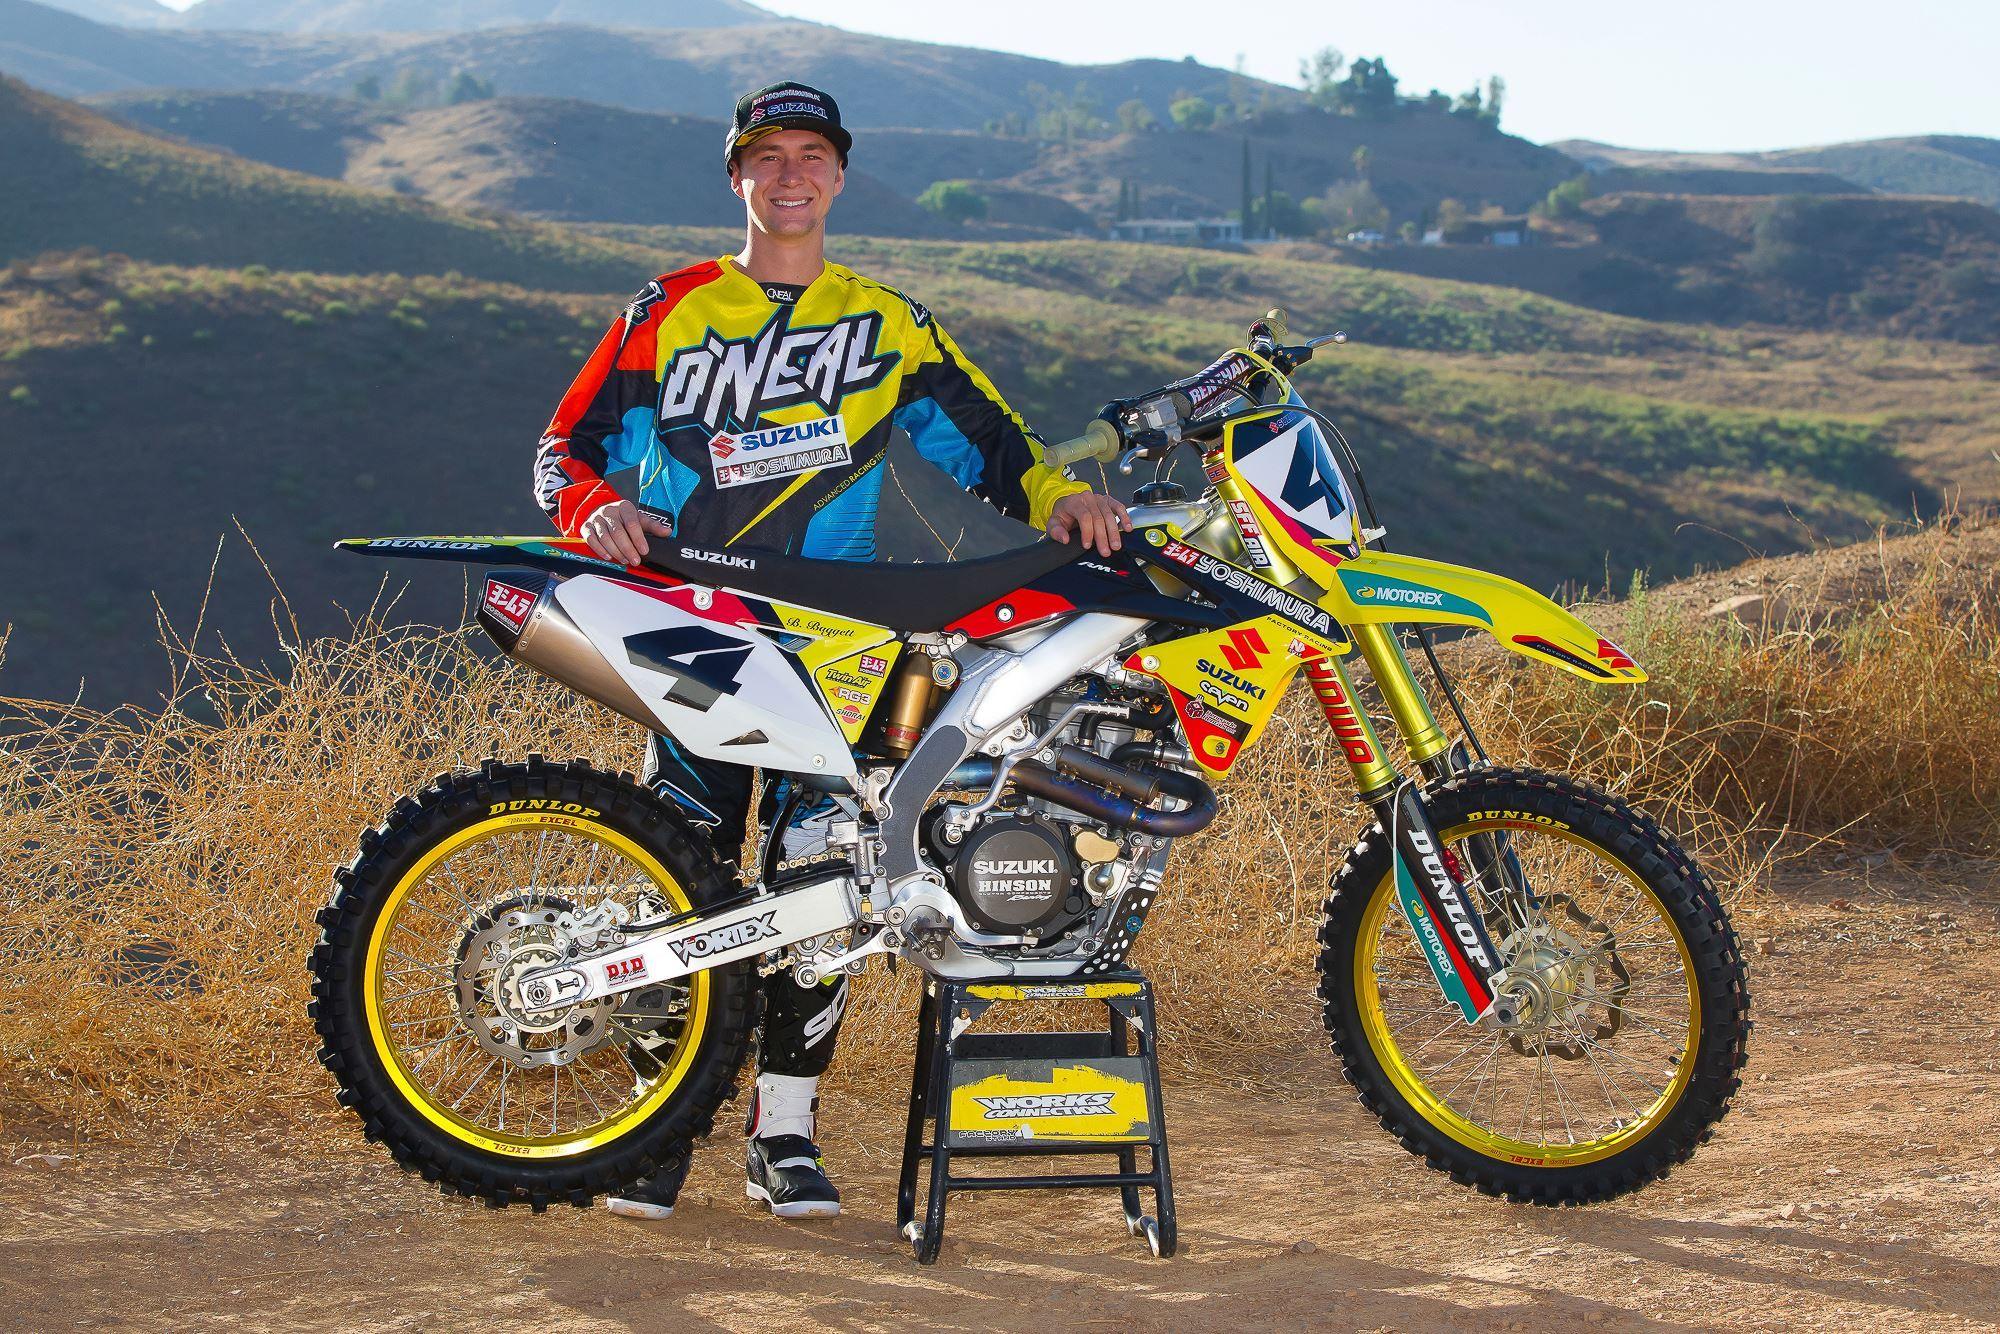 Yoshimura Suzuki Welcomes Blake Baggett To The Team Suzuki Motocross Racing Bikes Suzuki Dirt Bikes